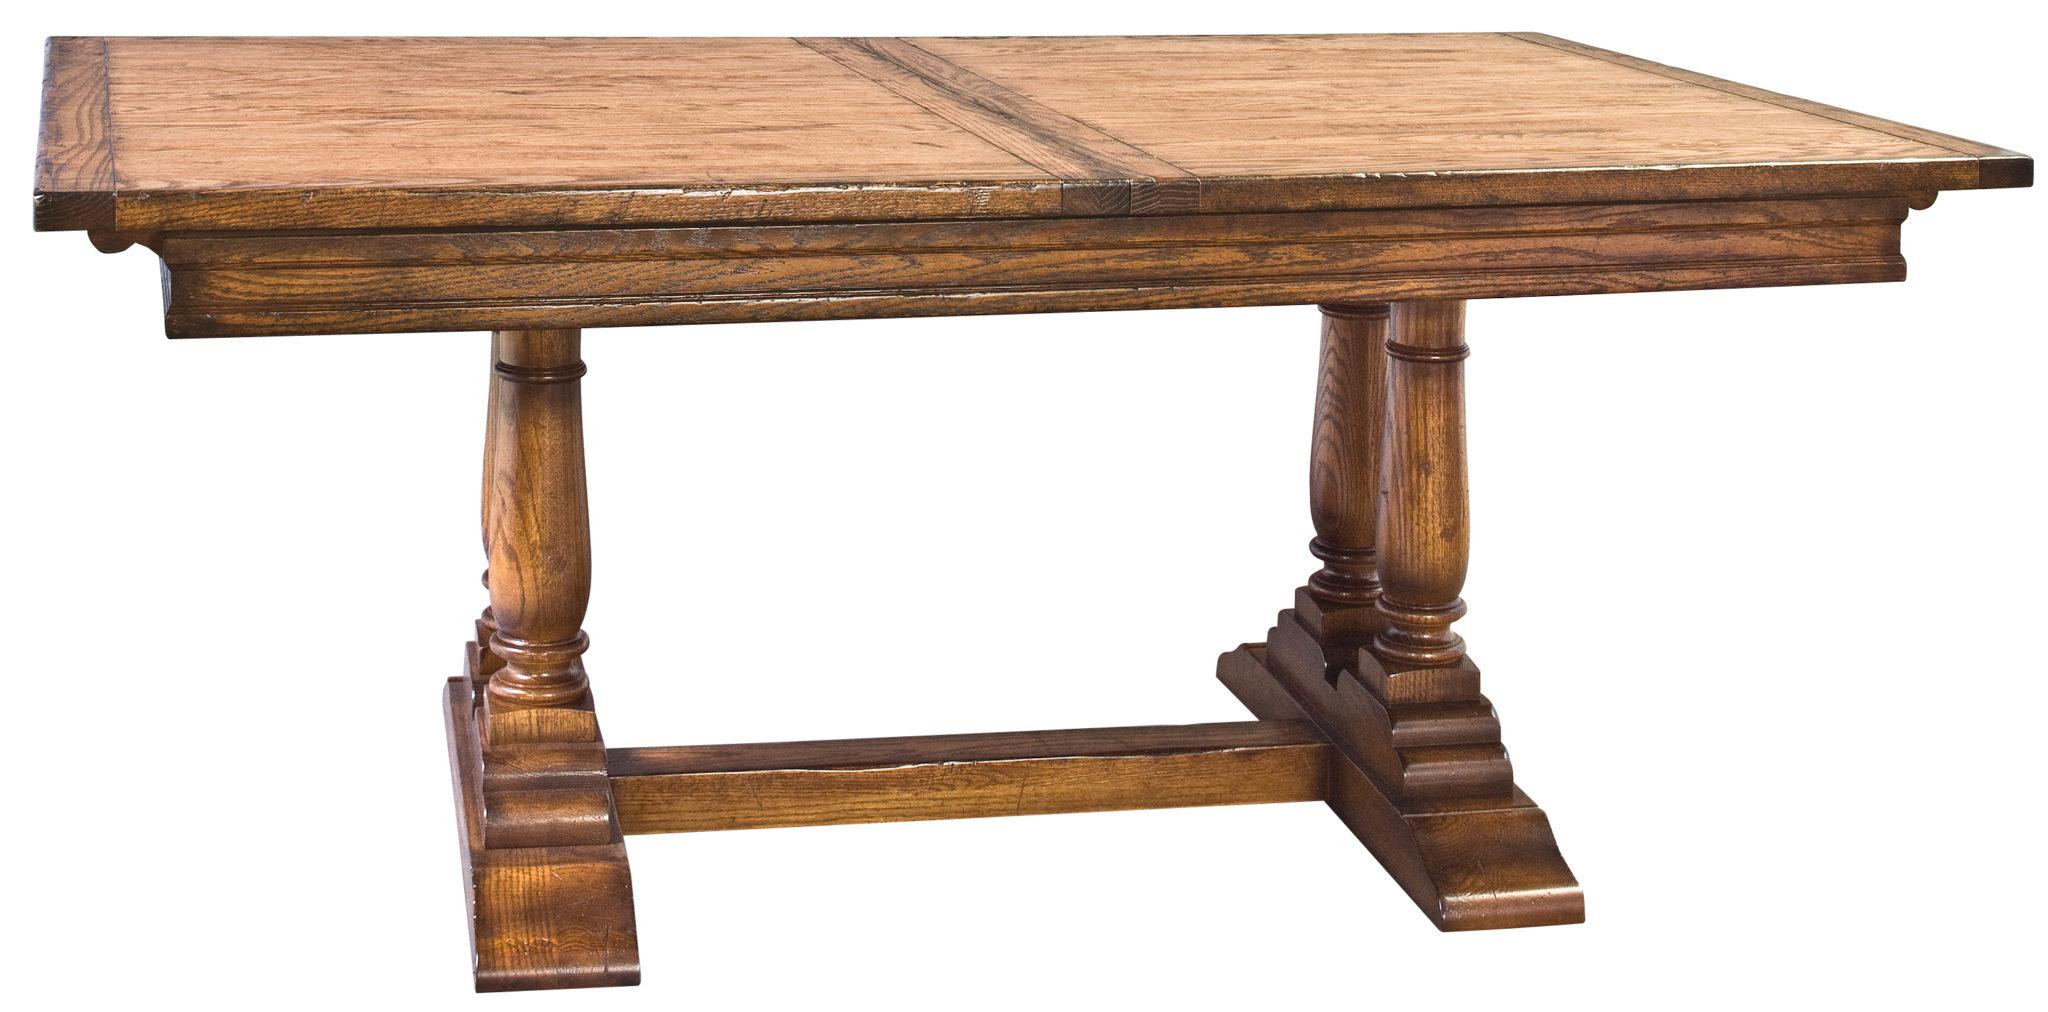 Bancroft Trestle Table Image